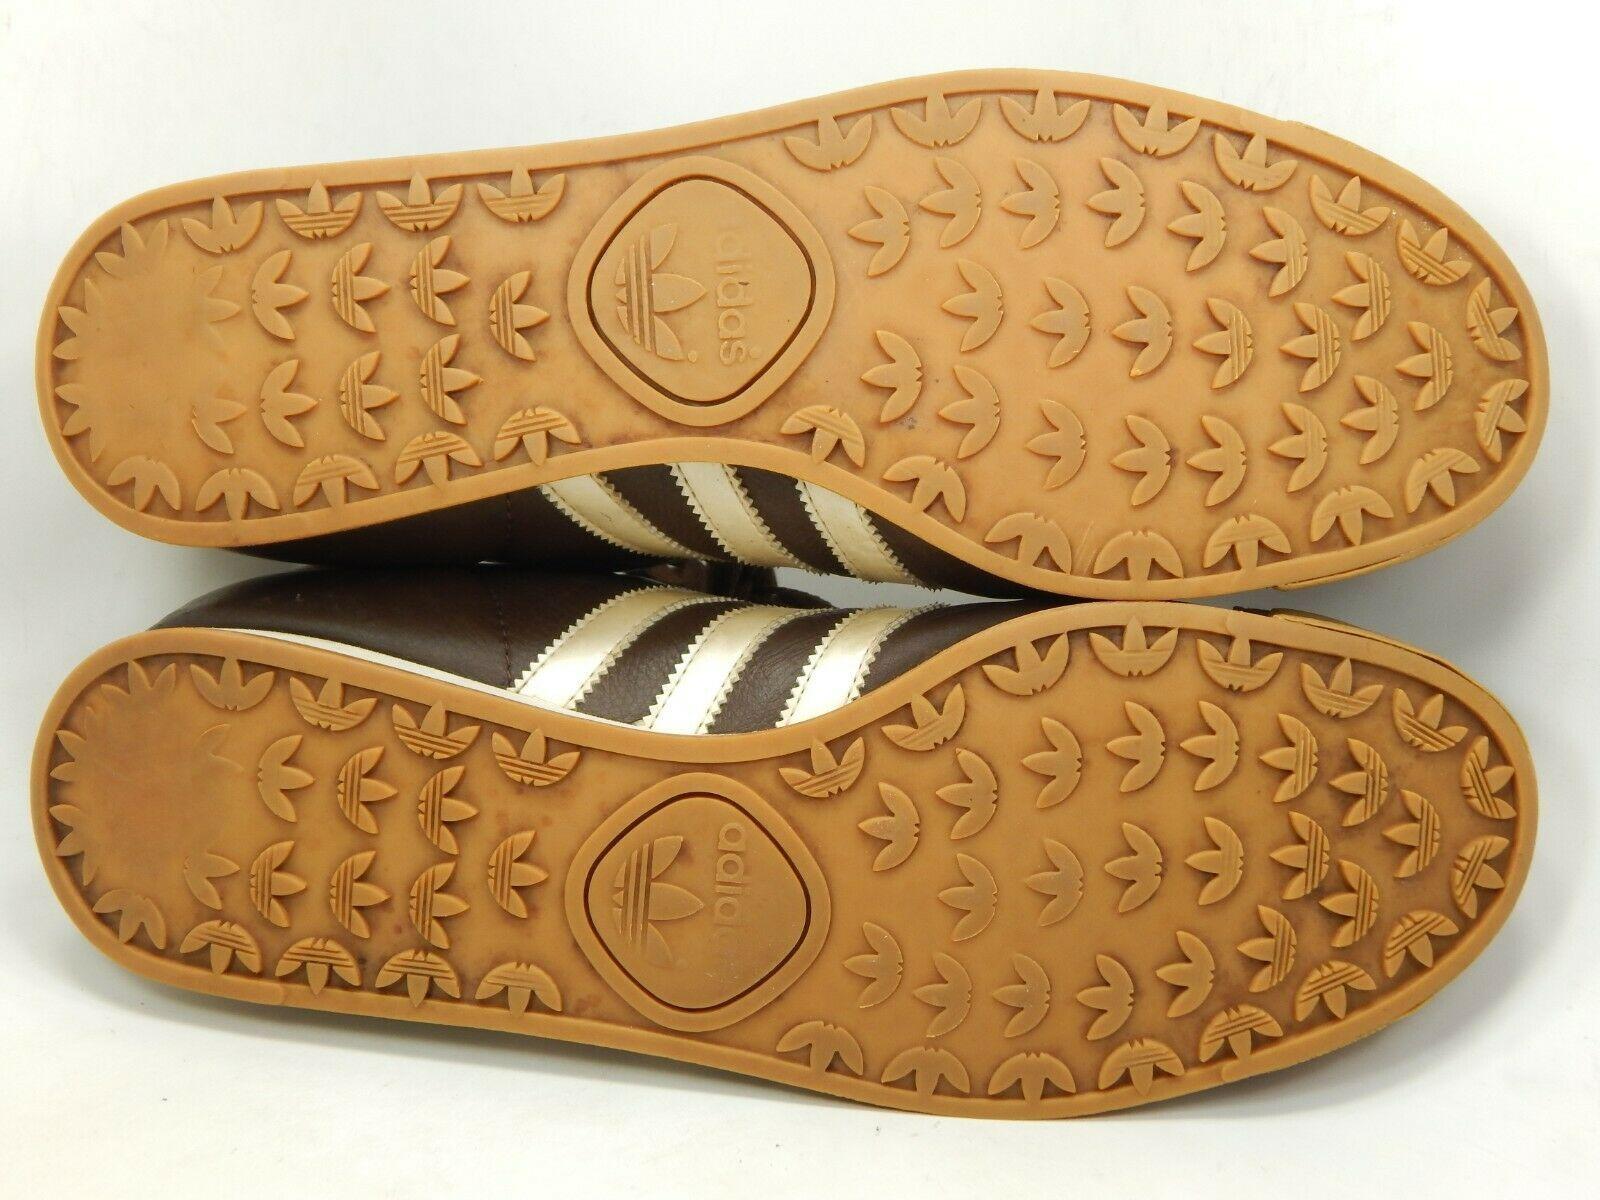 Adidas Samoa Größe US 12 M (D) Eu 46 2/3 Herren Freizeit Turnschuhe Braune image 7